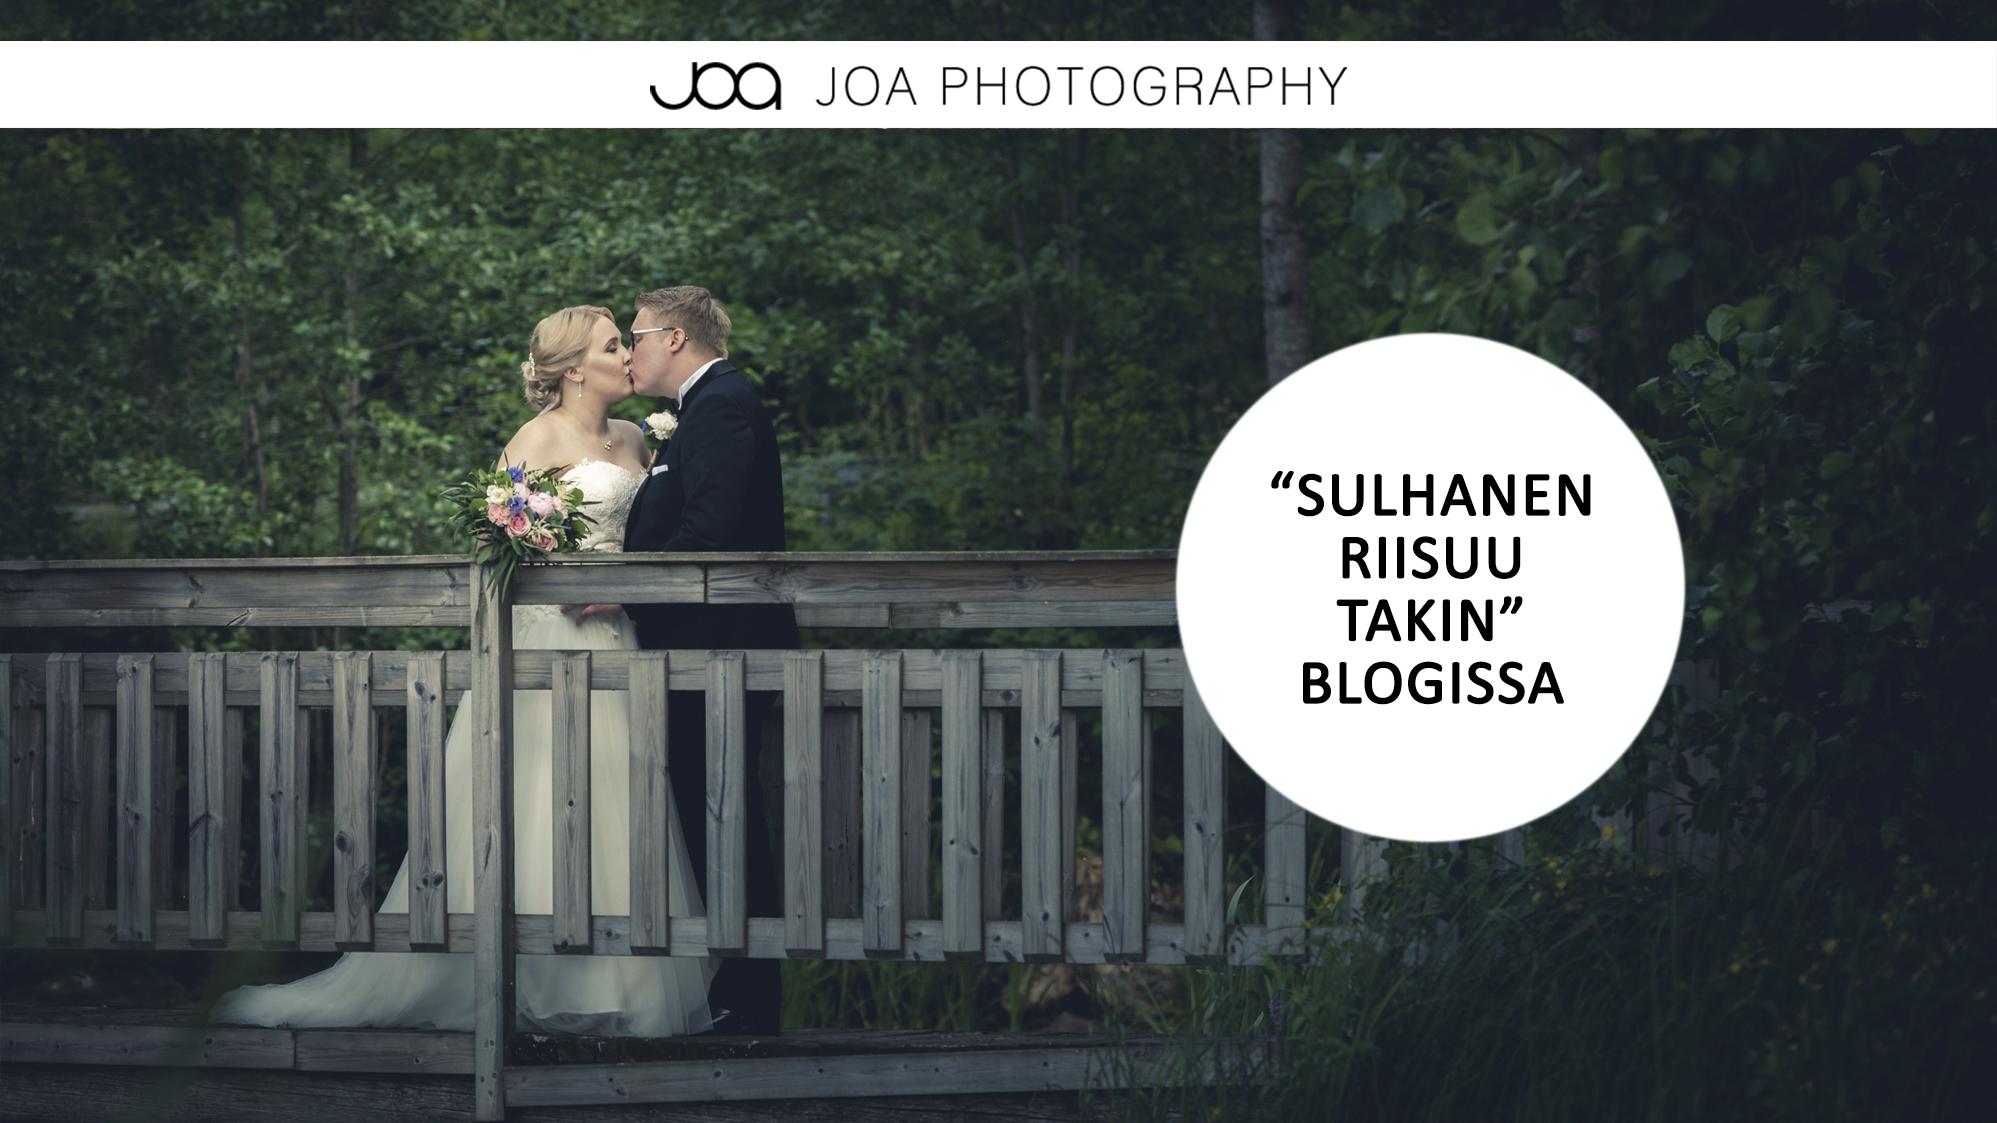 JOA Photography-Sulhanen riisuu takin-blogi.jpg